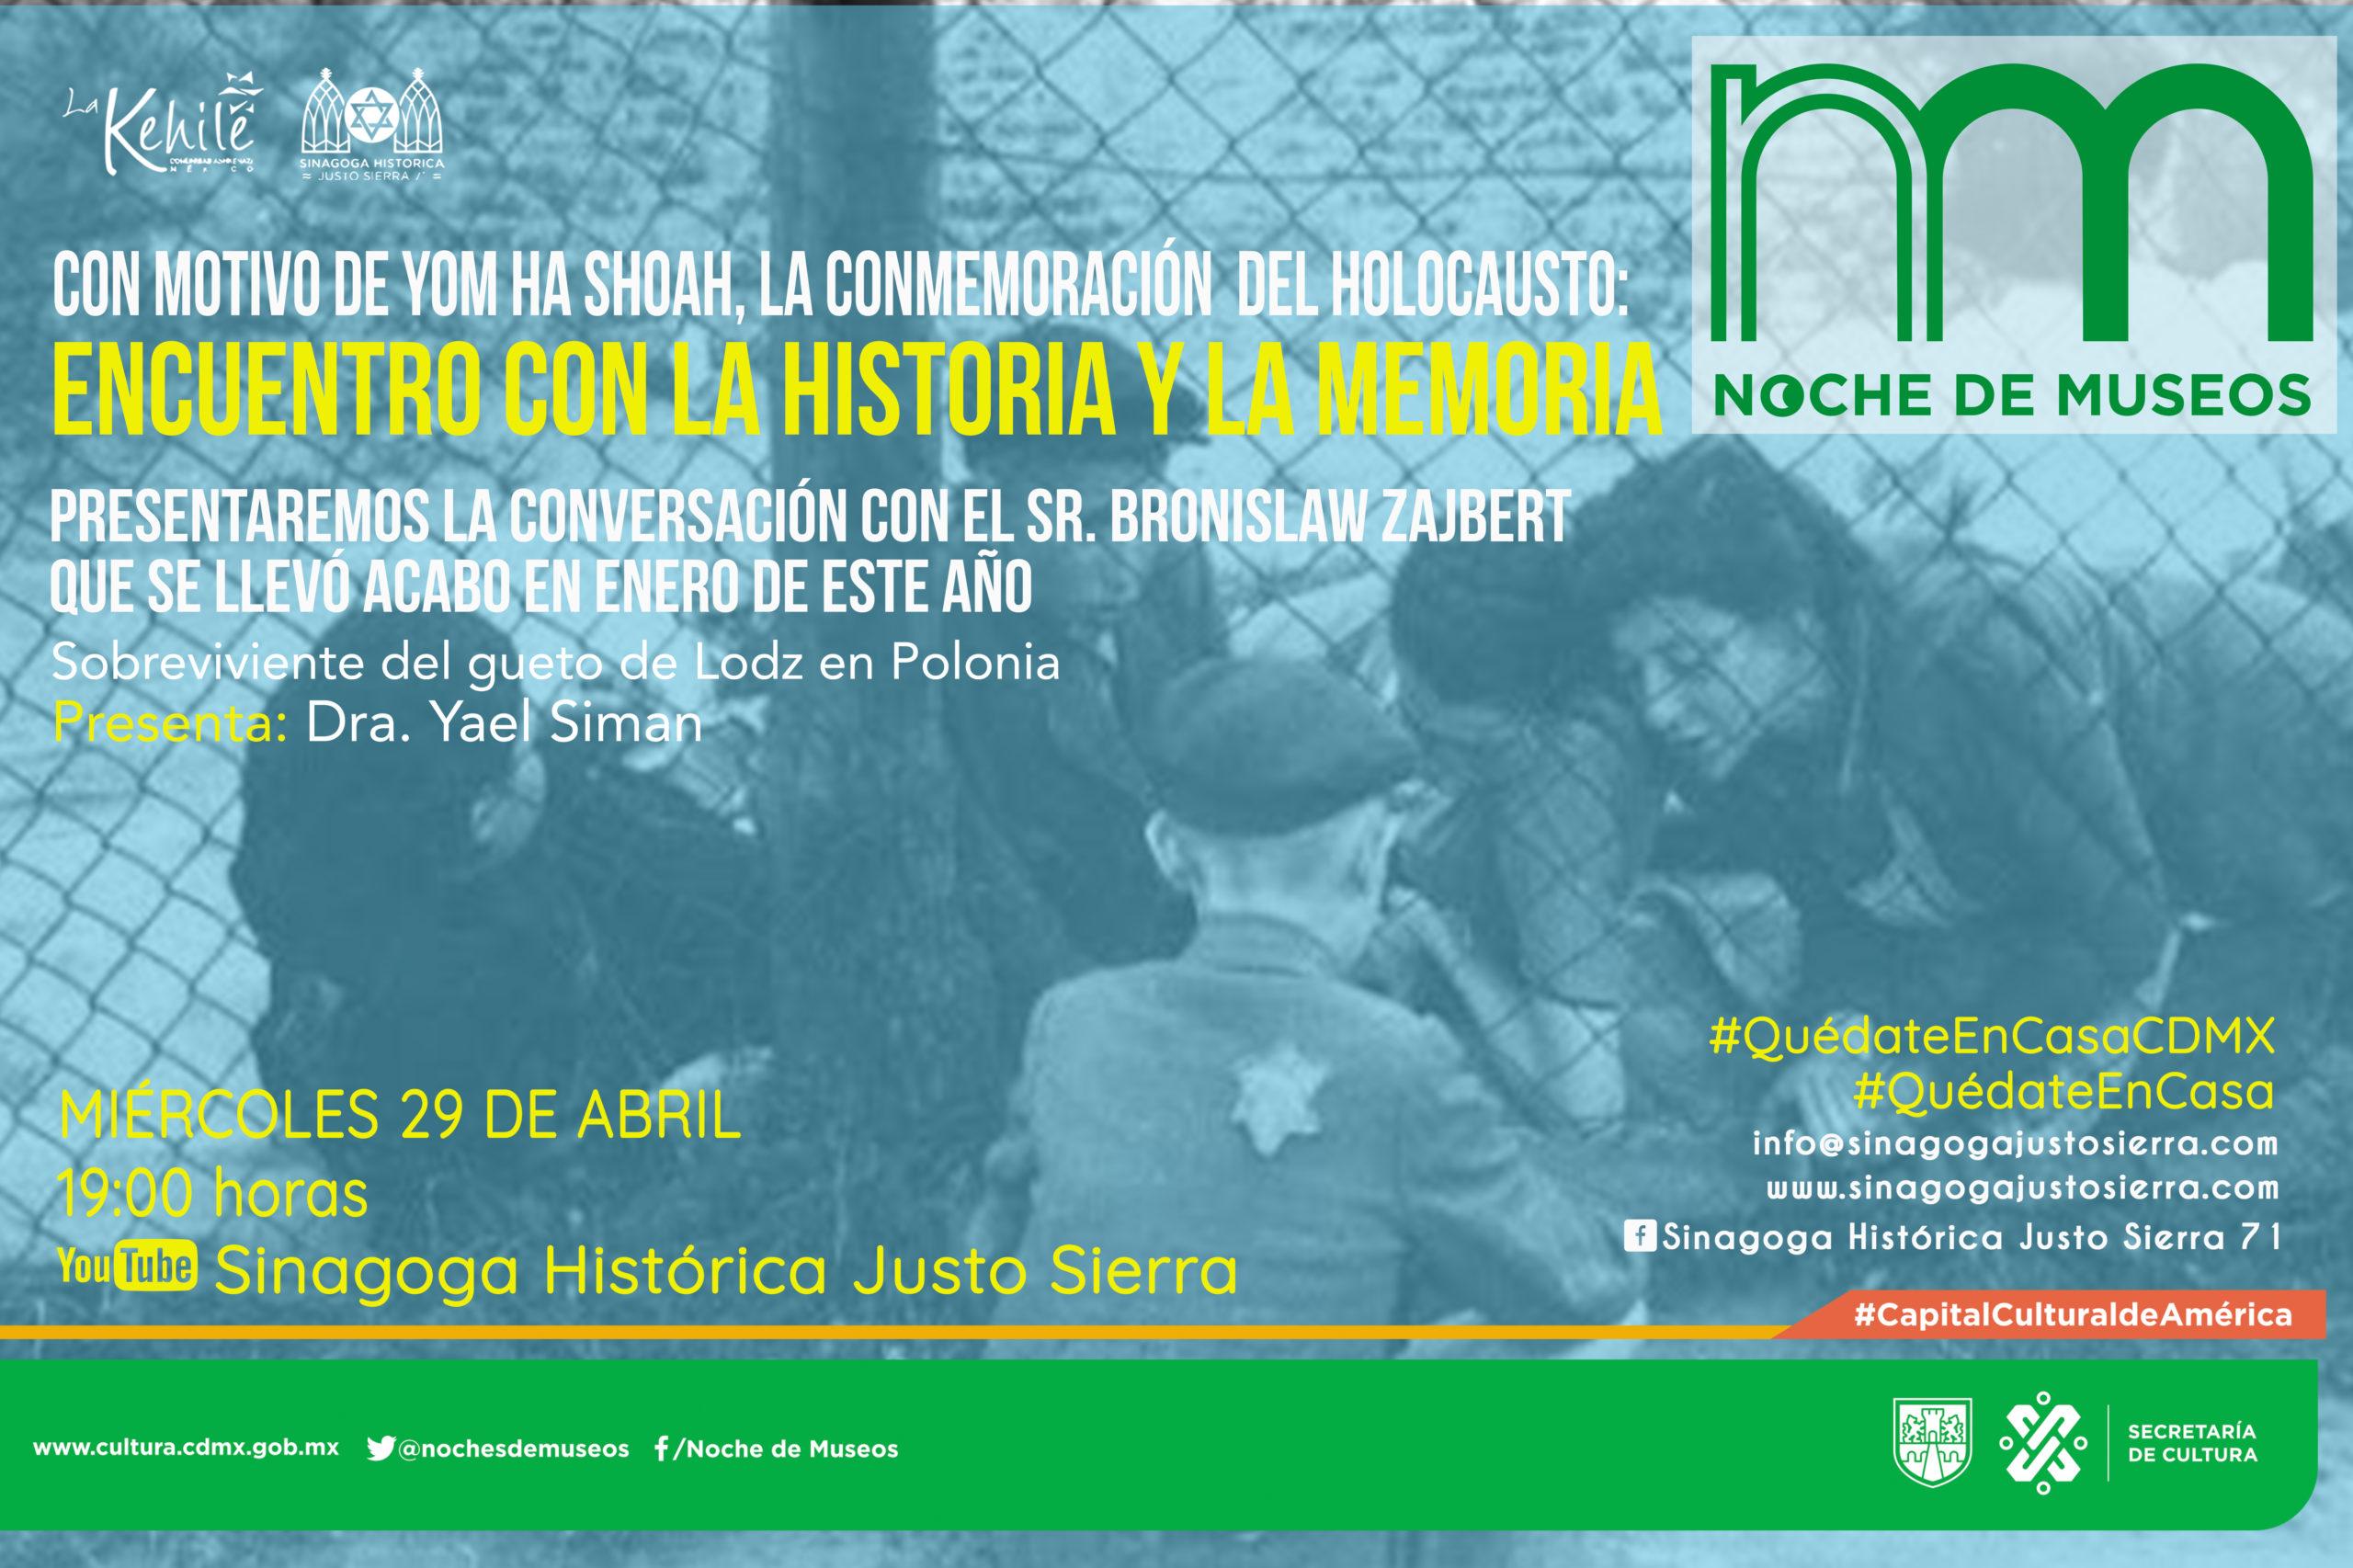 Más de 17 millones visitas a portal de eventos culturales y artísticos: Gobierno de la Ciudad de México